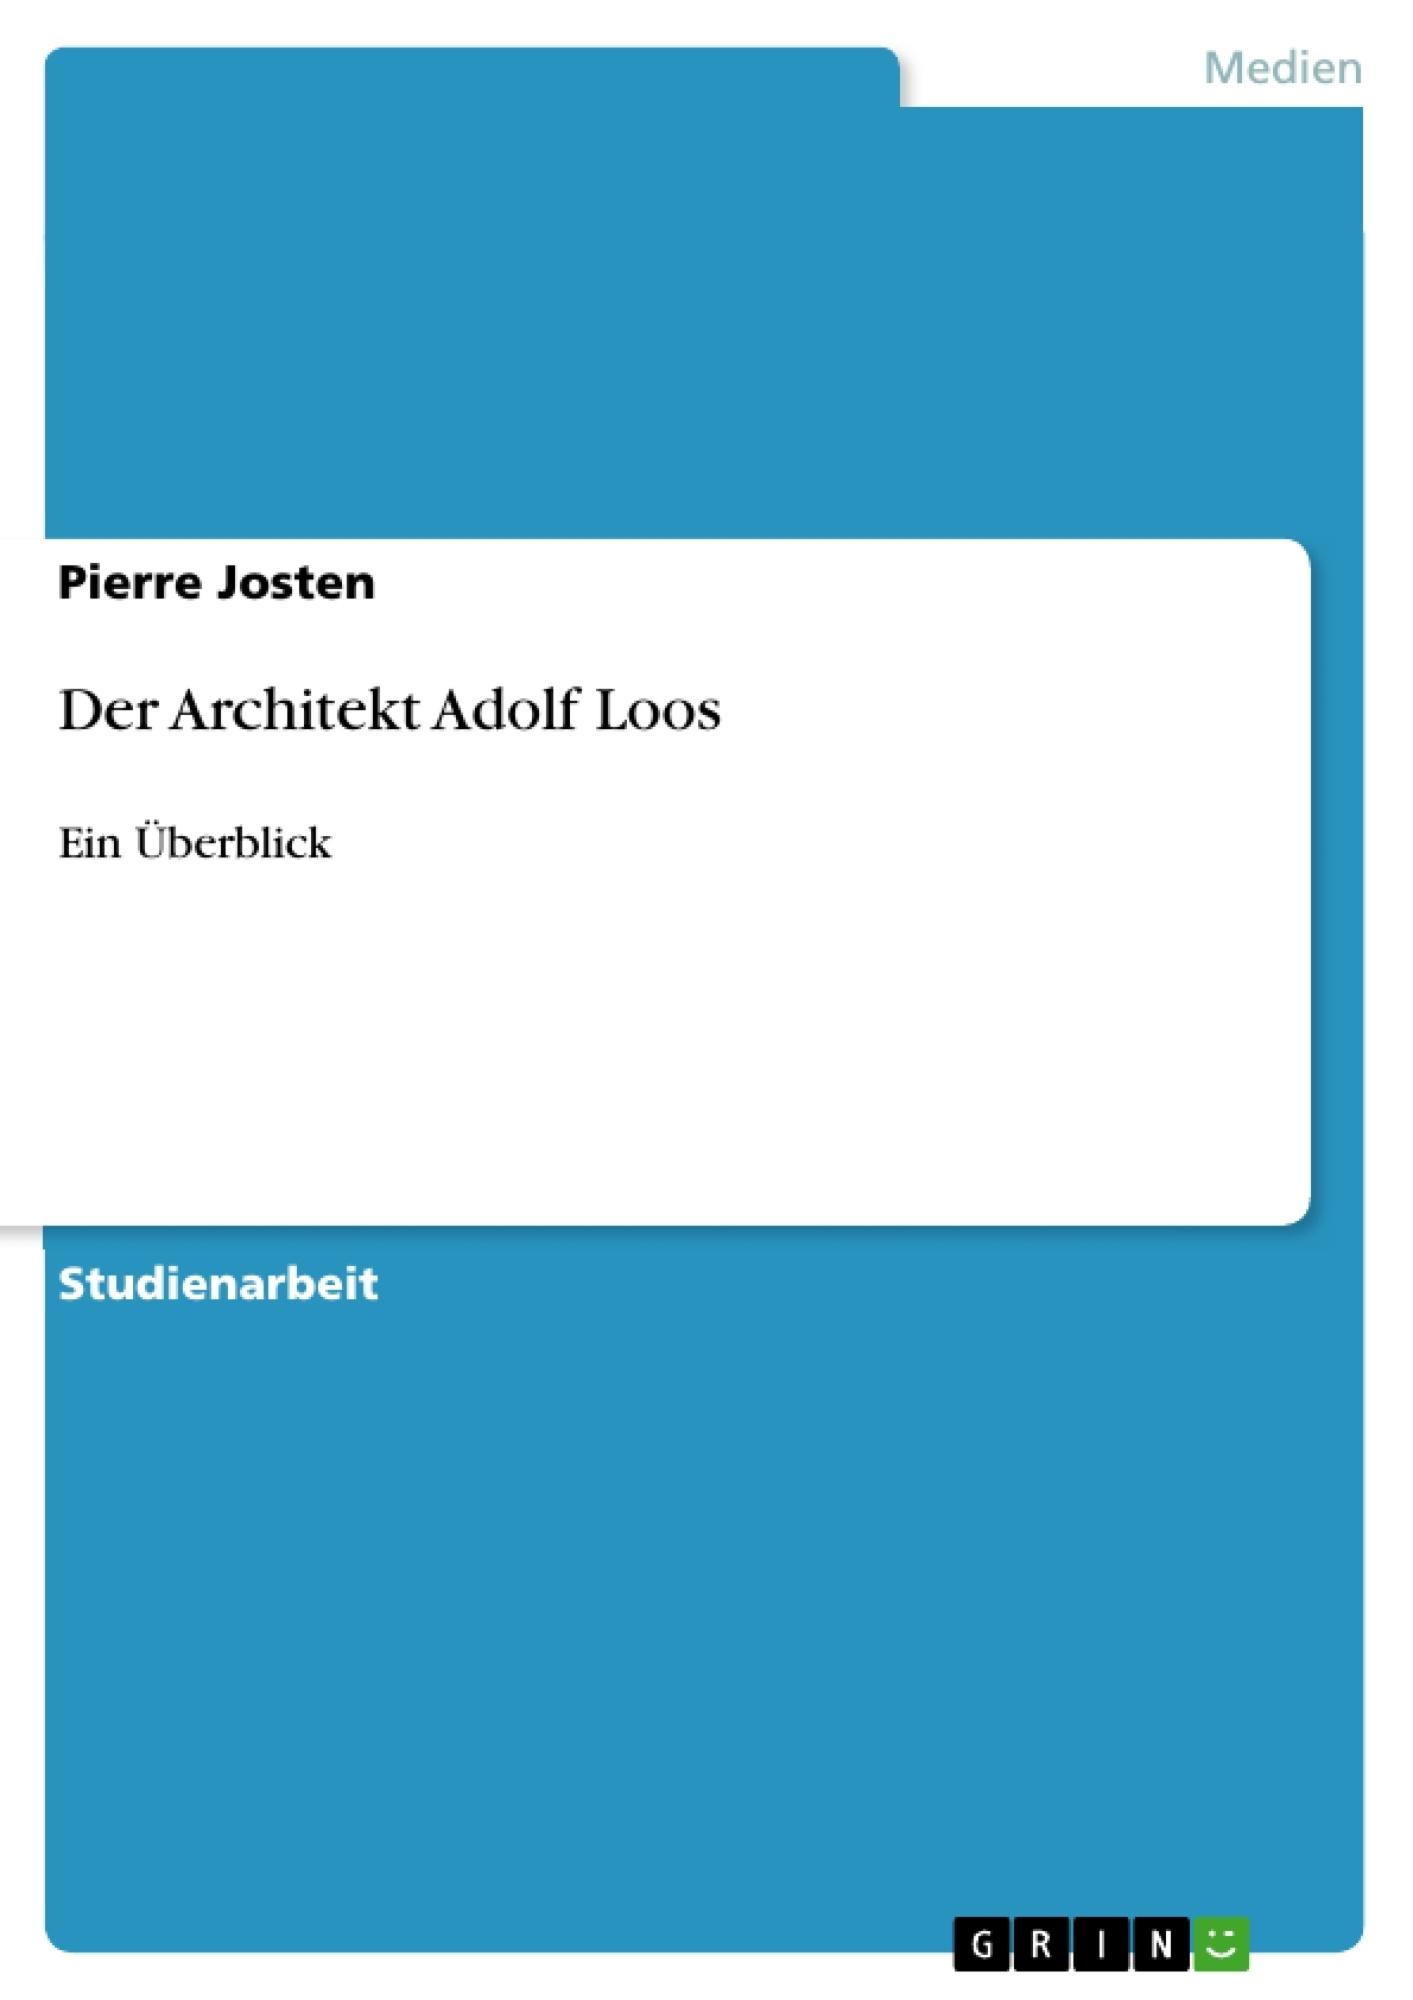 Titel: Der Architekt Adolf Loos